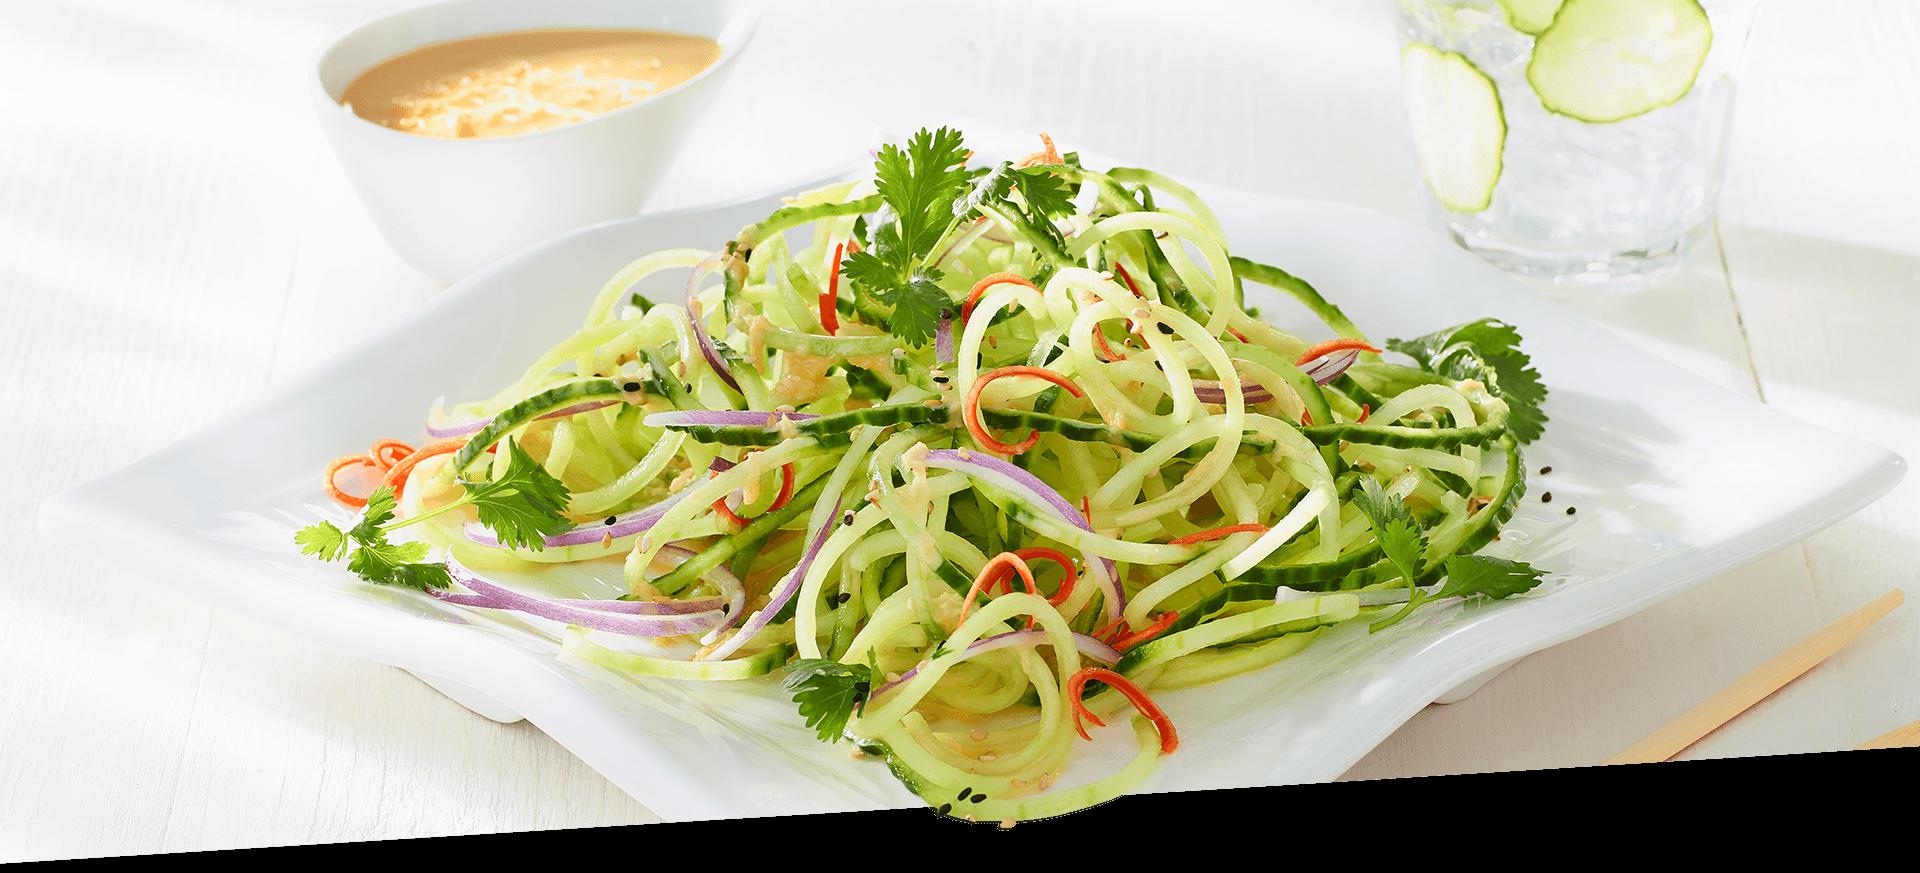 Cucumber Noodle Salad header BG